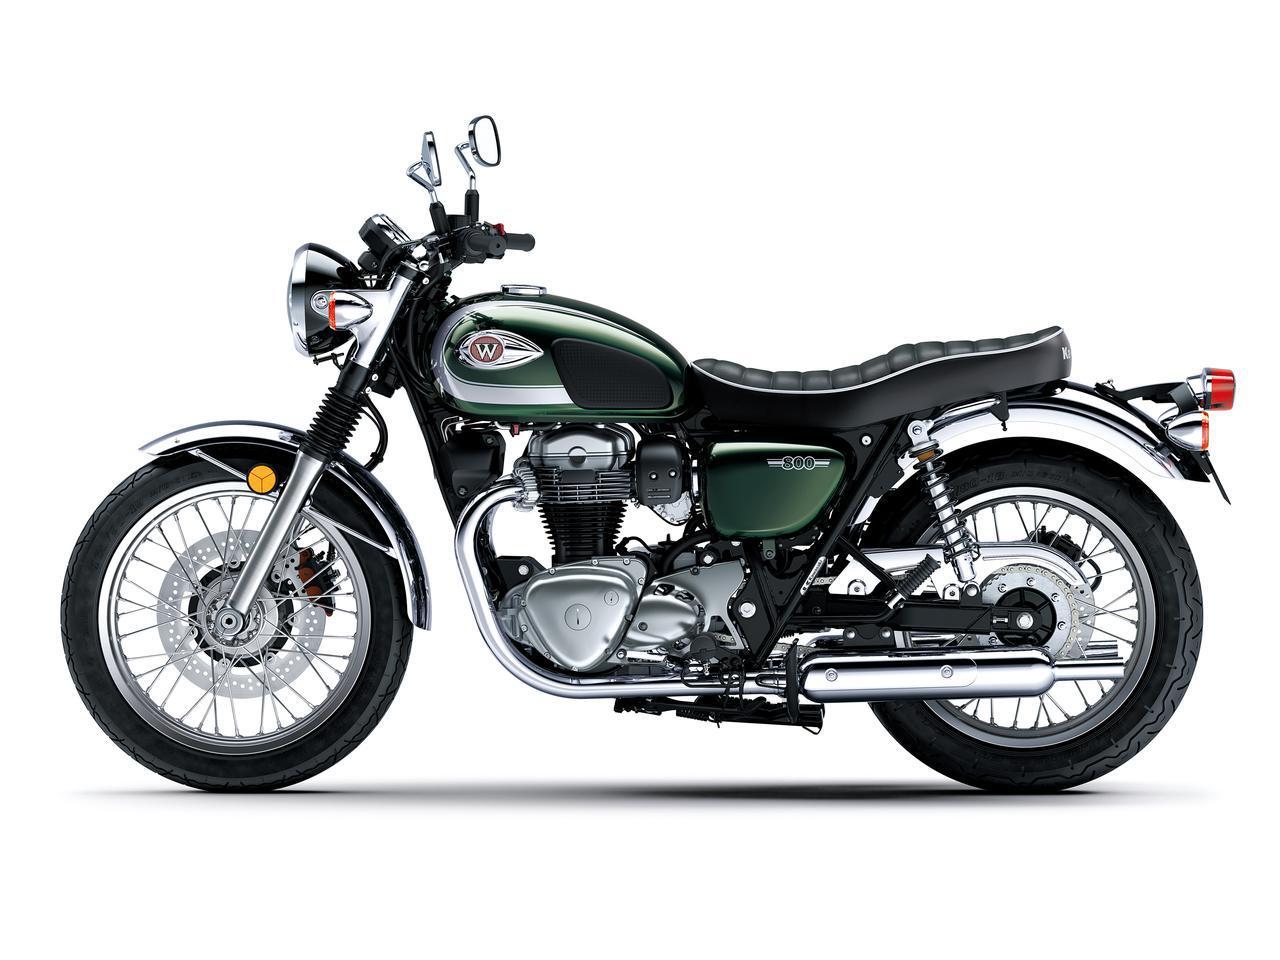 画像5: カワサキが「W800」シリーズの2021年モデルを発売! W800/W800ストリート/W800カフェの新色をチェック!